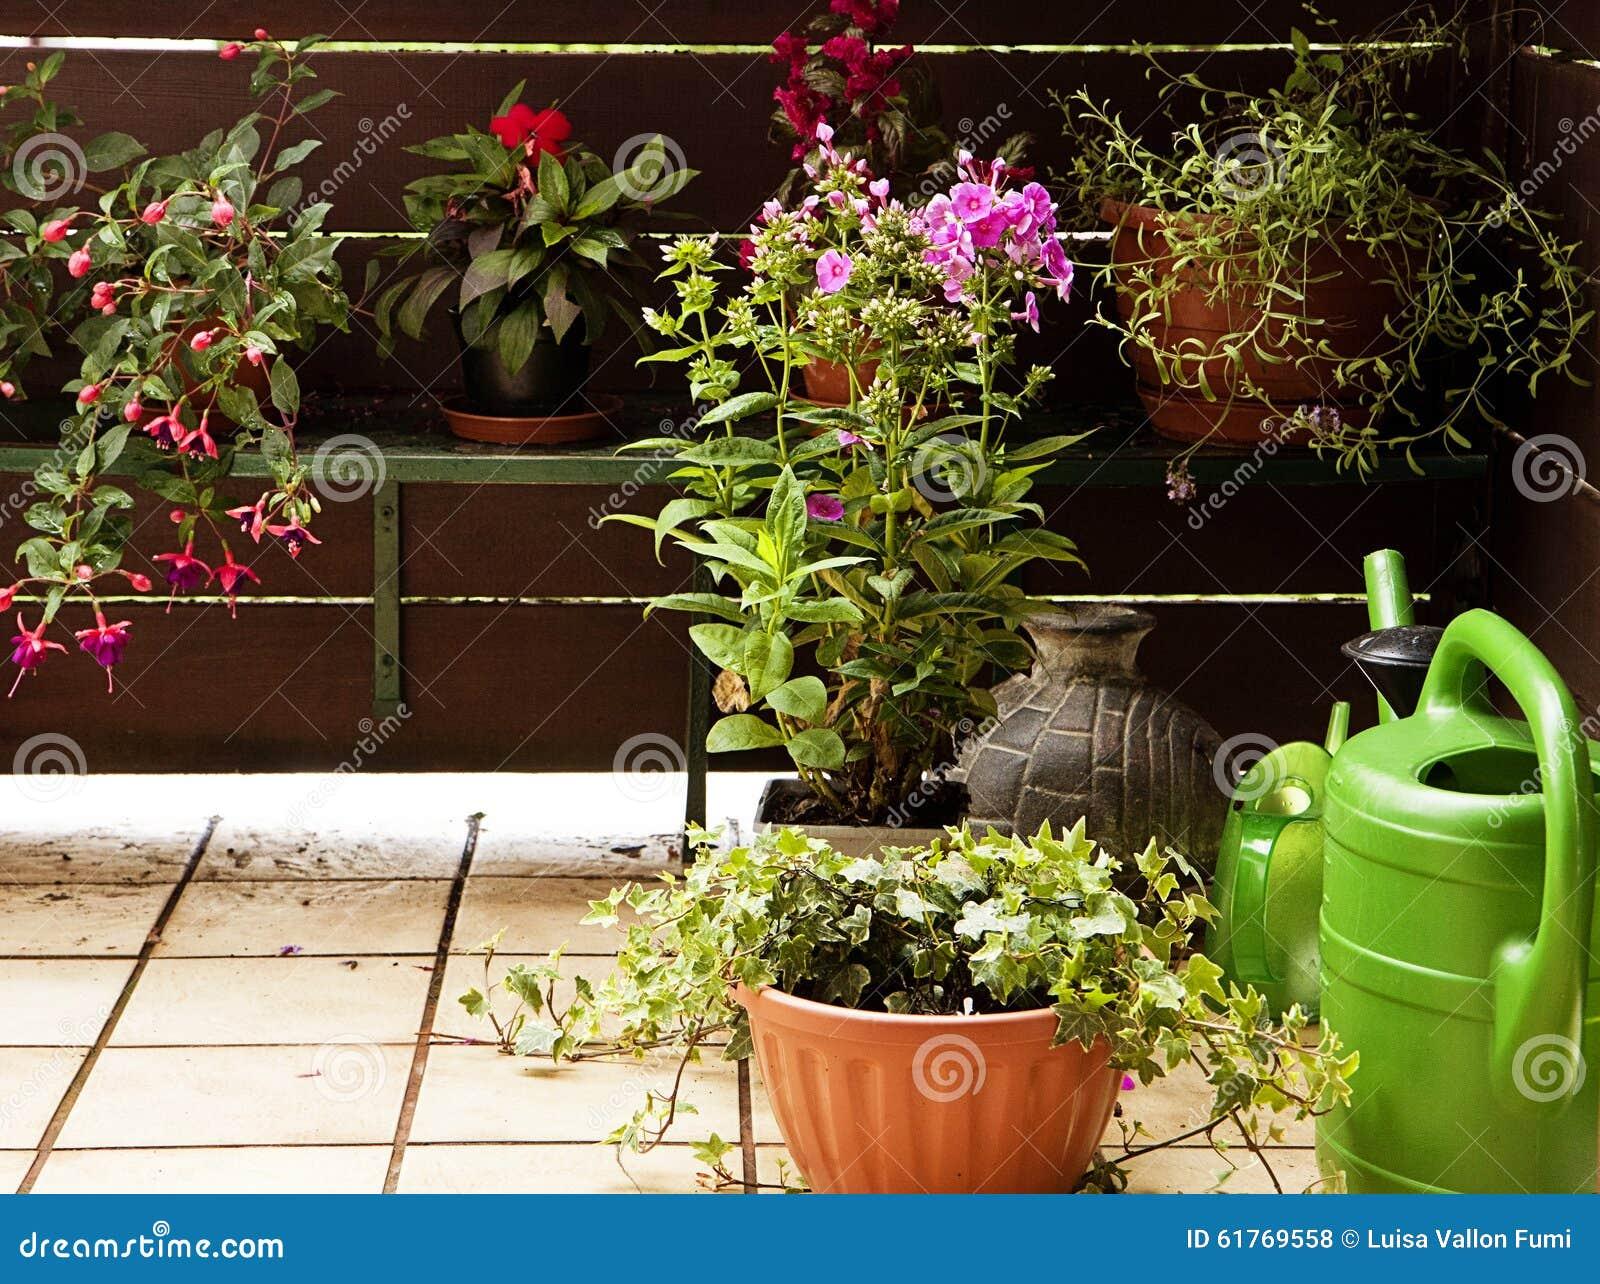 Tuinieren Op Balkon : Het tuinieren op het balkon stock foto afbeelding bestaande uit